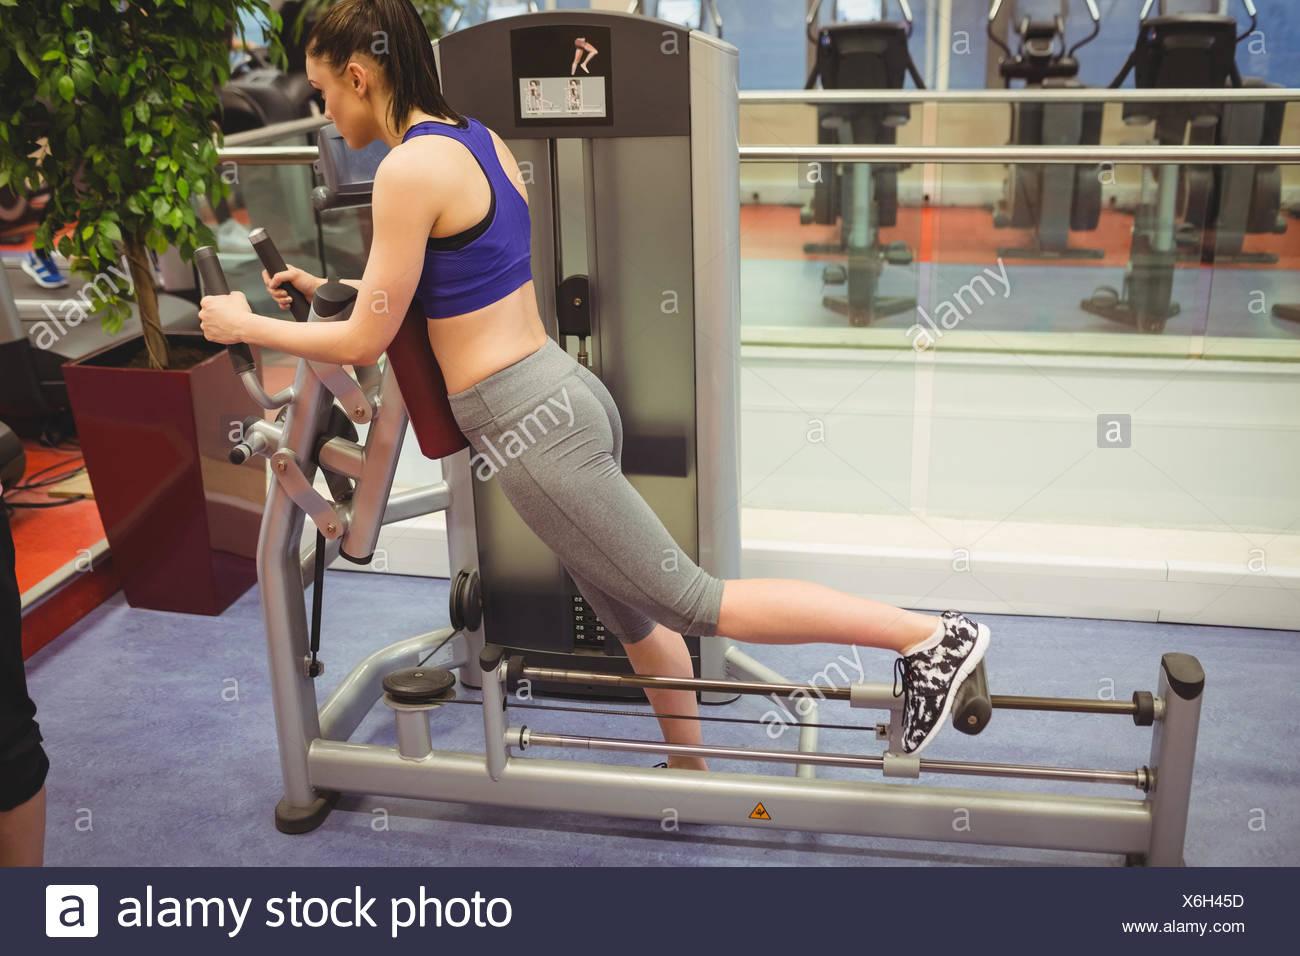 En utilisant l'équipement d'exercice fit woman Photo Stock